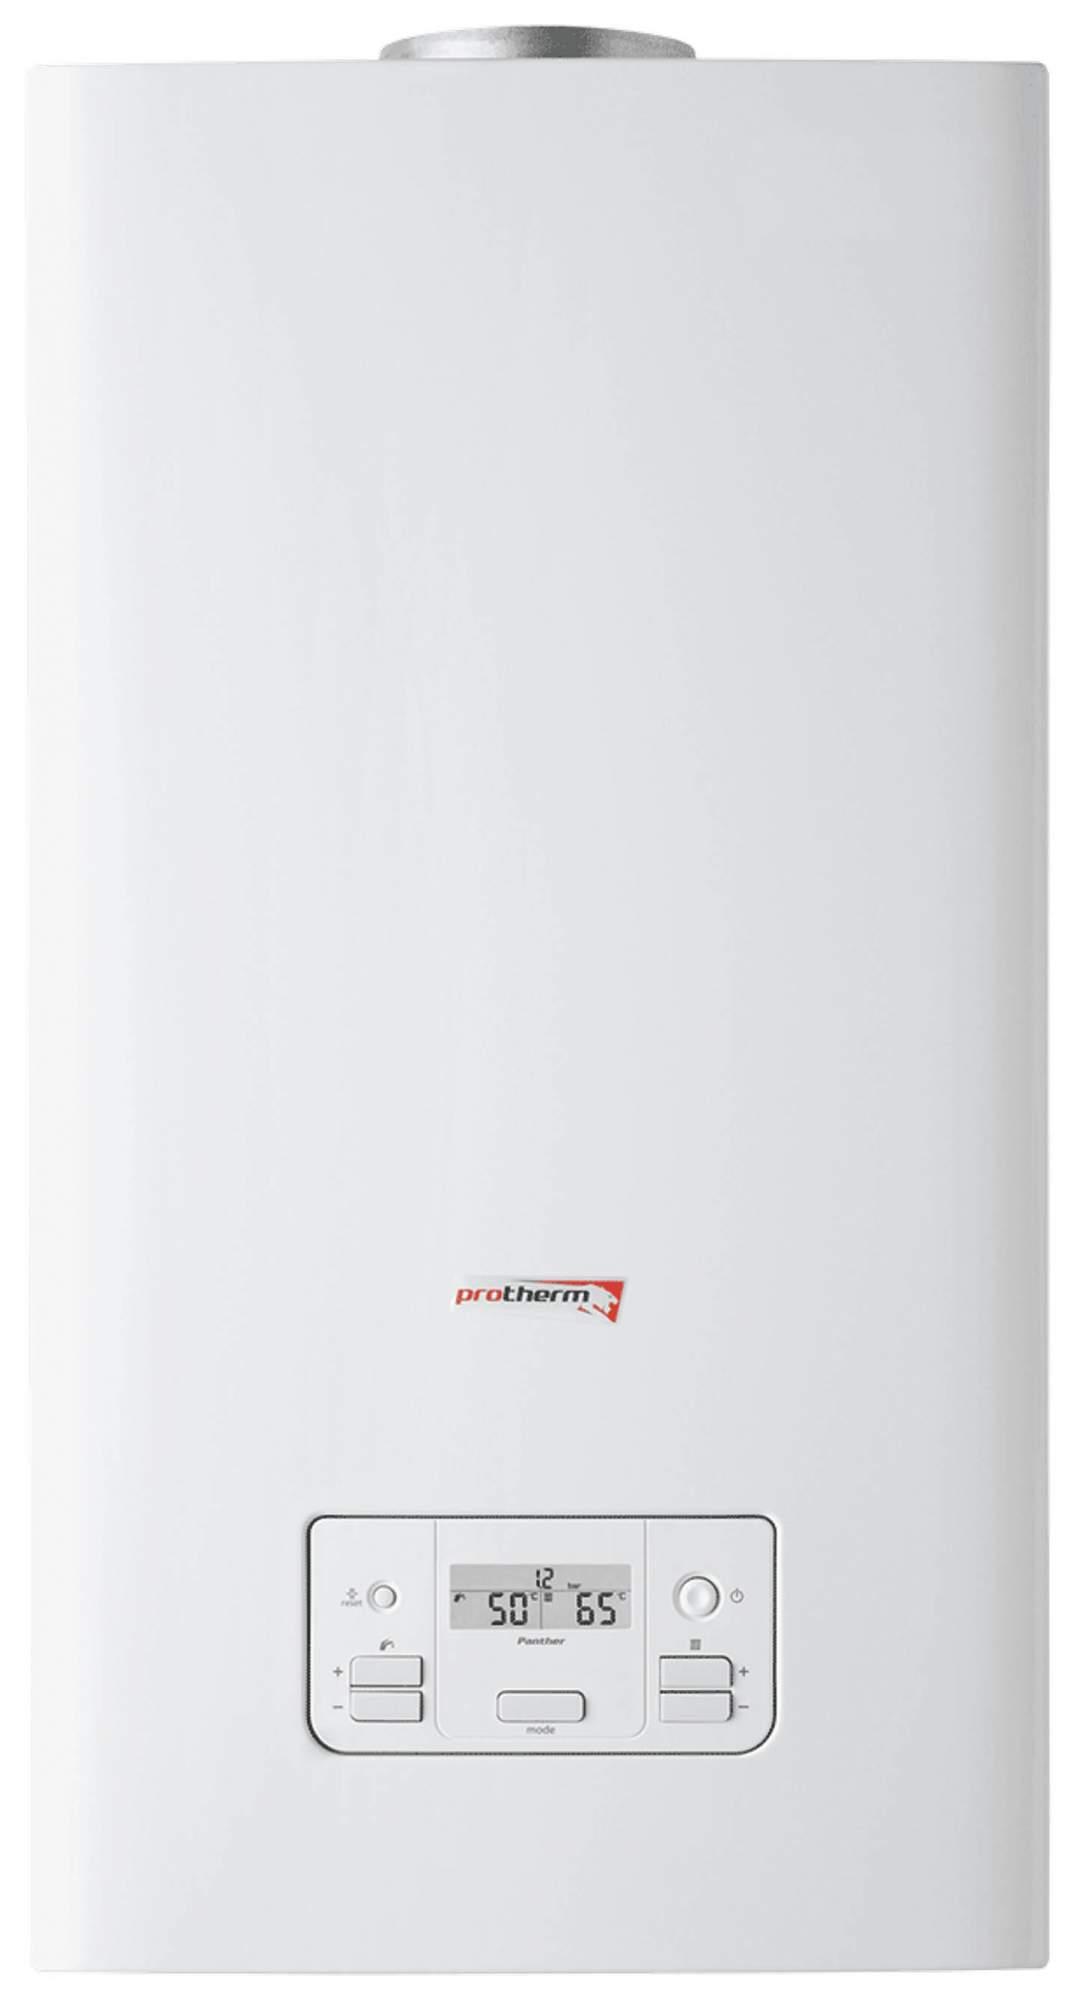 Газовый котел протерм: виды настенных отопительных котлов protherm, для отопления частного дома